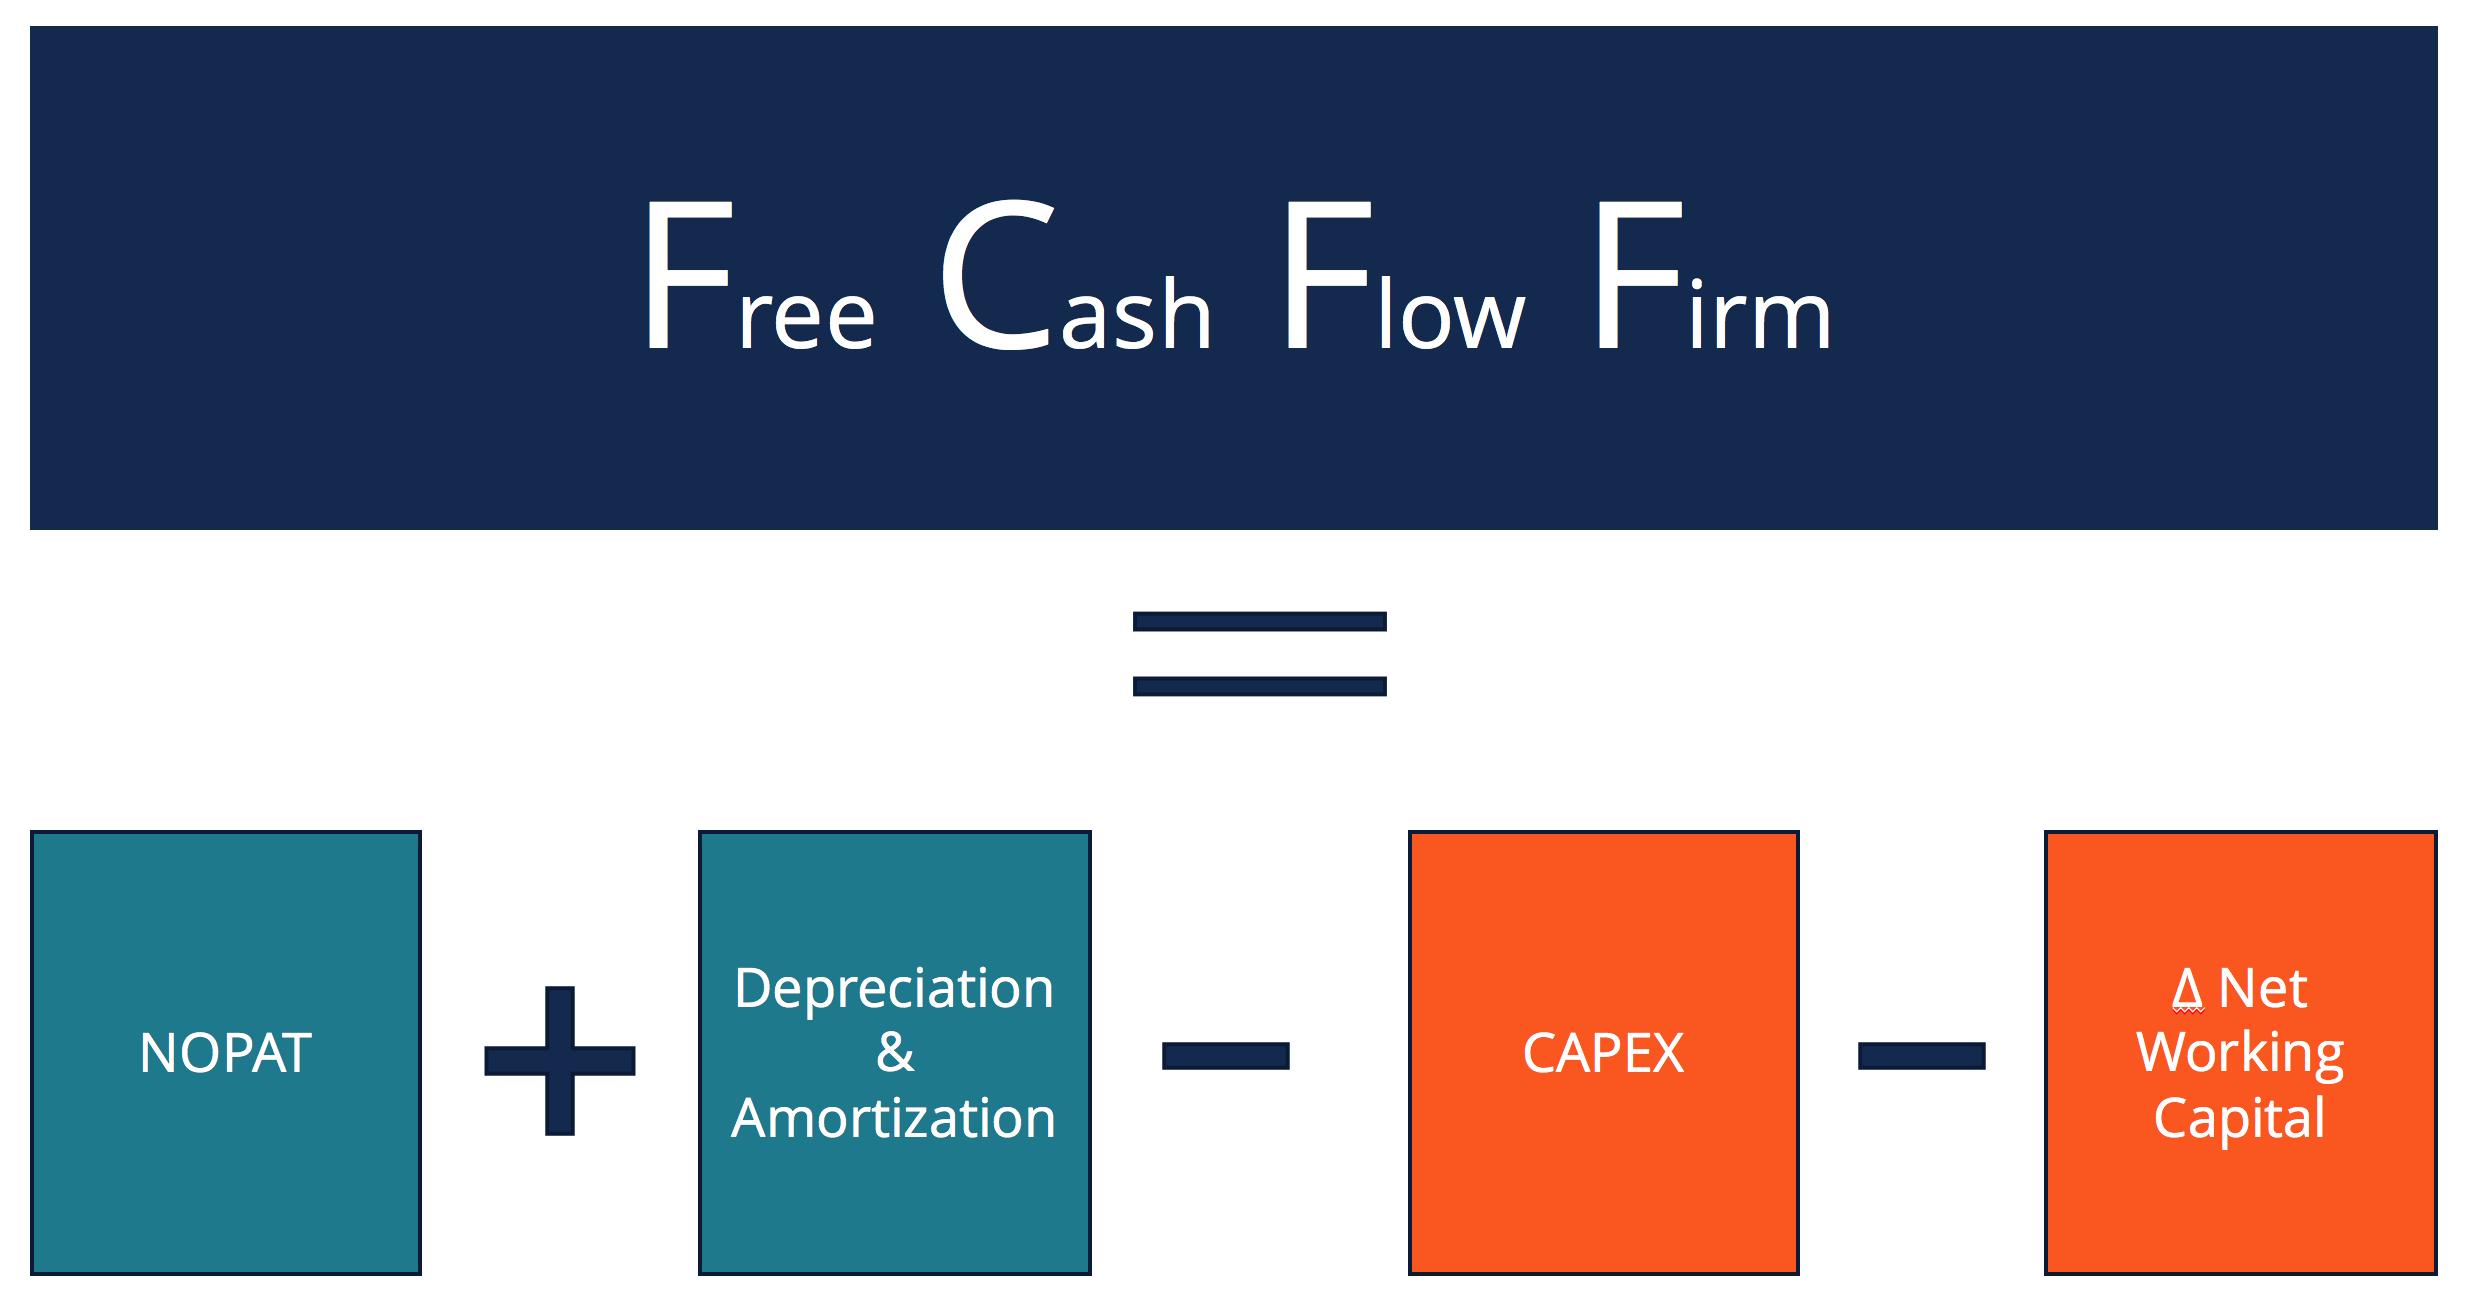 Kakata-in-CFA-Mot-so-luu-y-nho-ve-cash-flow-1.png